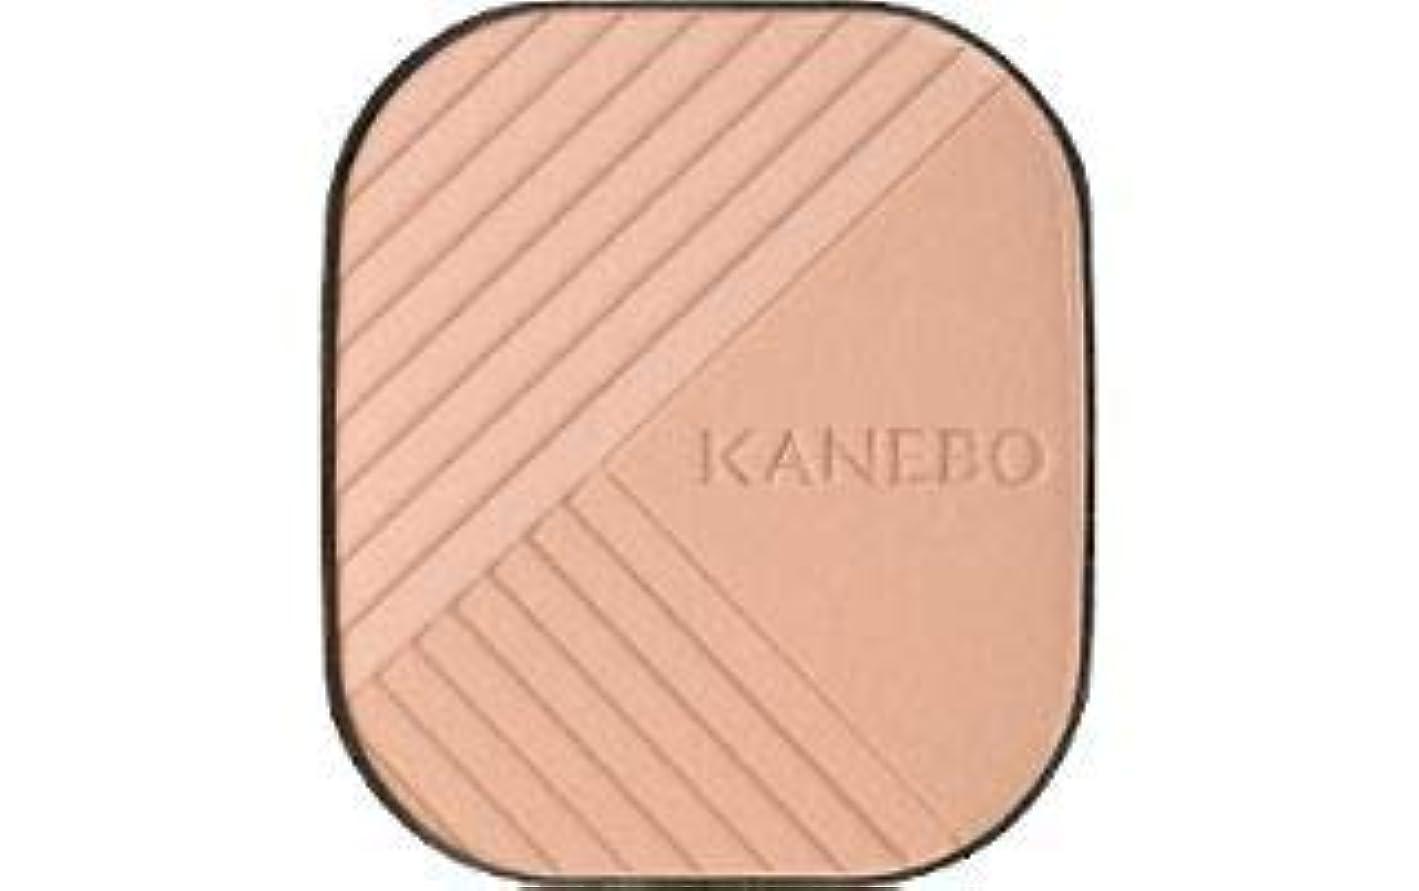 民間人過剰パケットKANEBO カネボウ ラスターパウダーファンデーション レフィル ピンクオークルC/PKOC C 9g [並行輸入品]